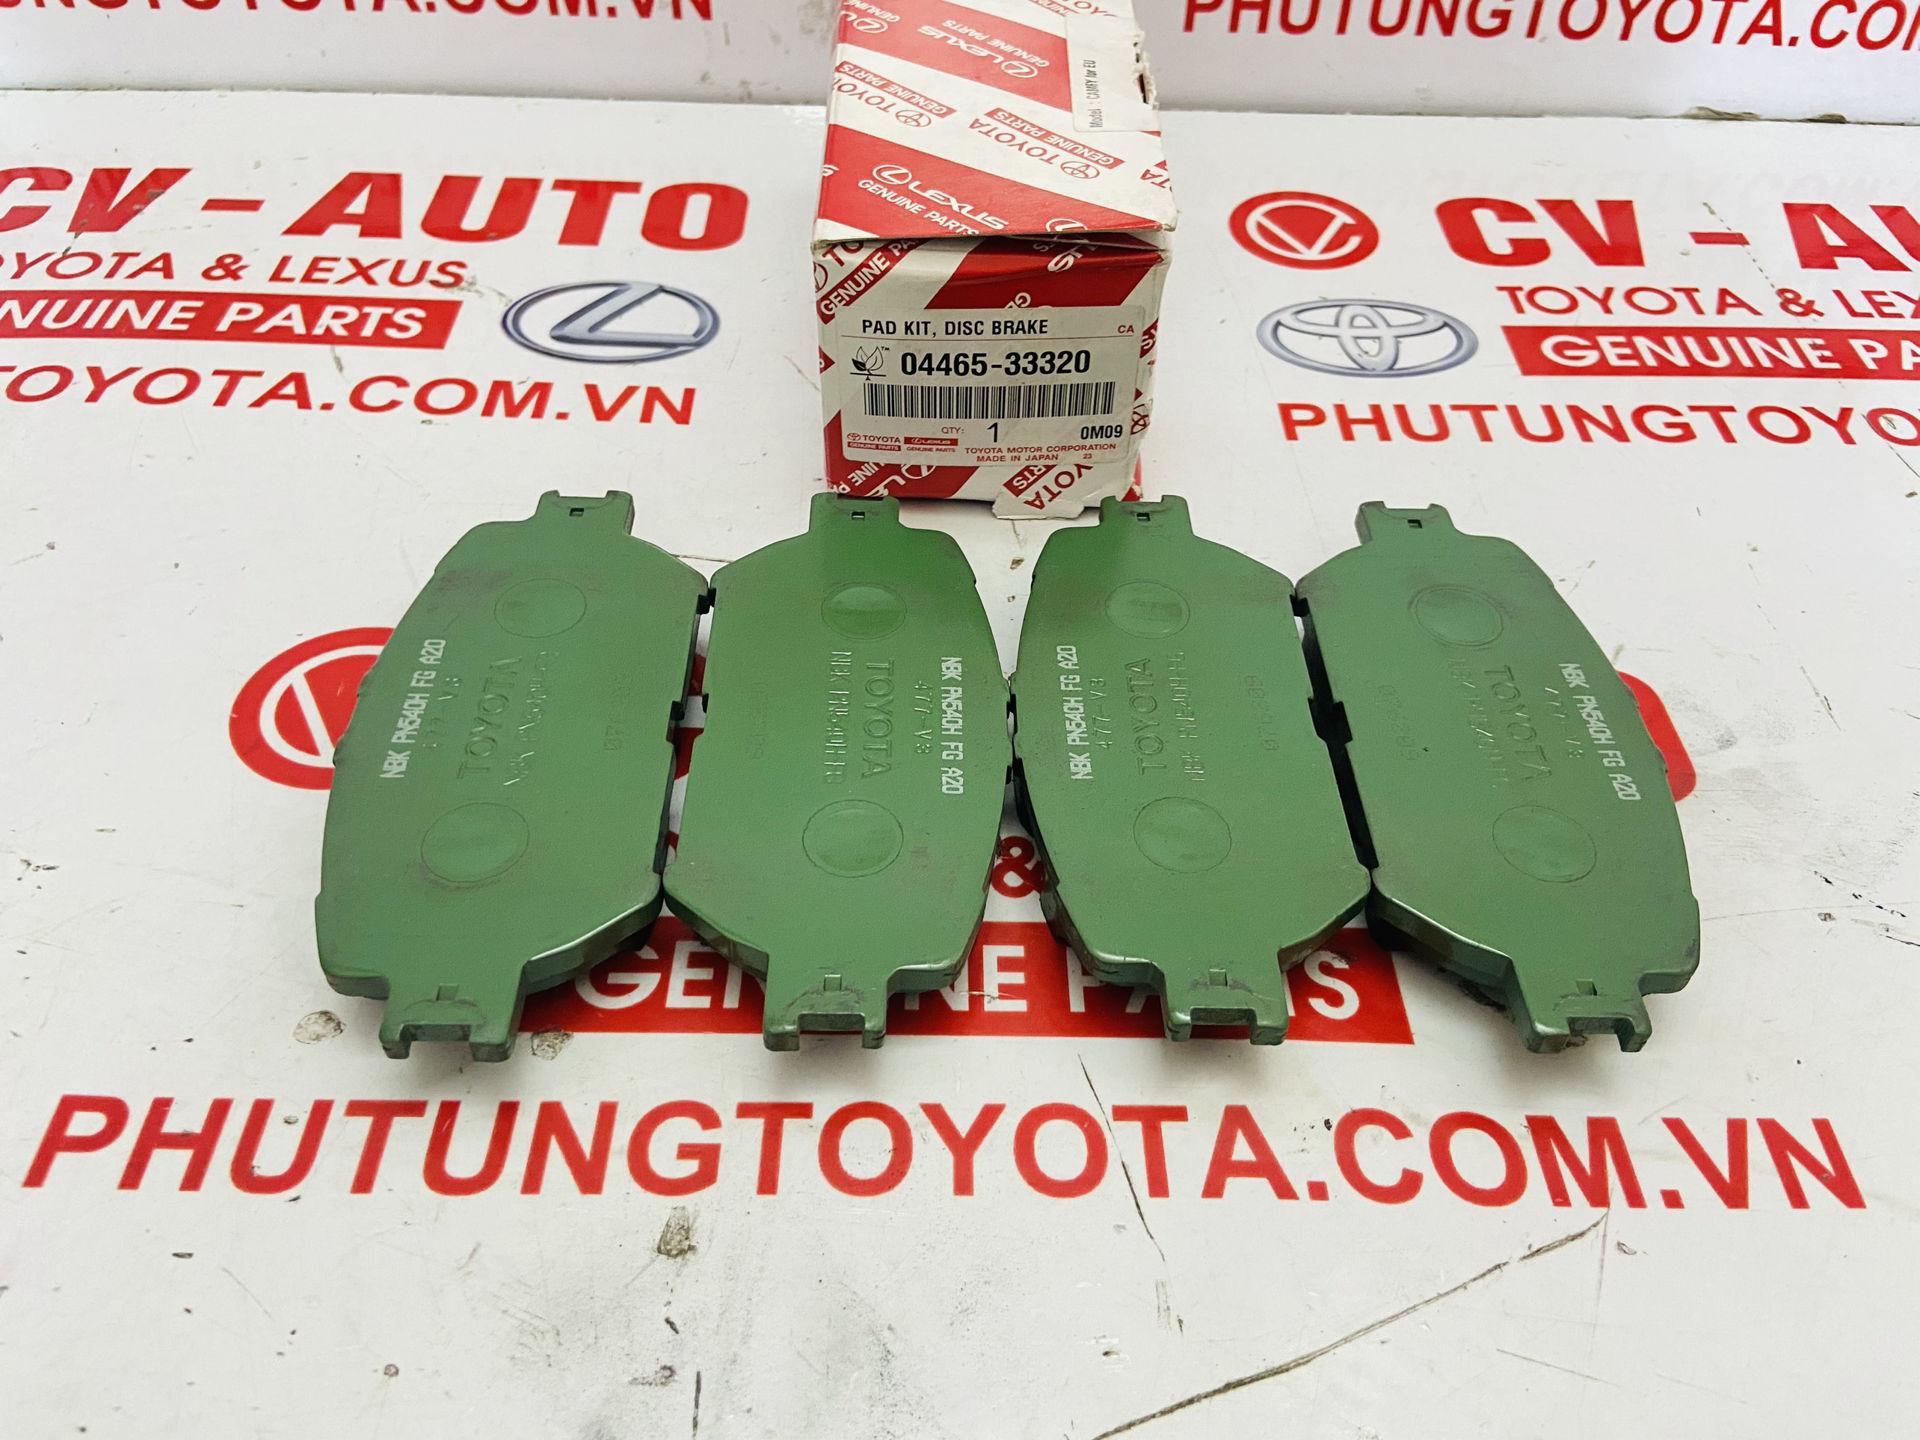 Picture of 04465-33320, 0446533320 Má phanh trước Toyota Camry 02-06 Lexus GS300 GS350 IS250 IS350 chính hãng